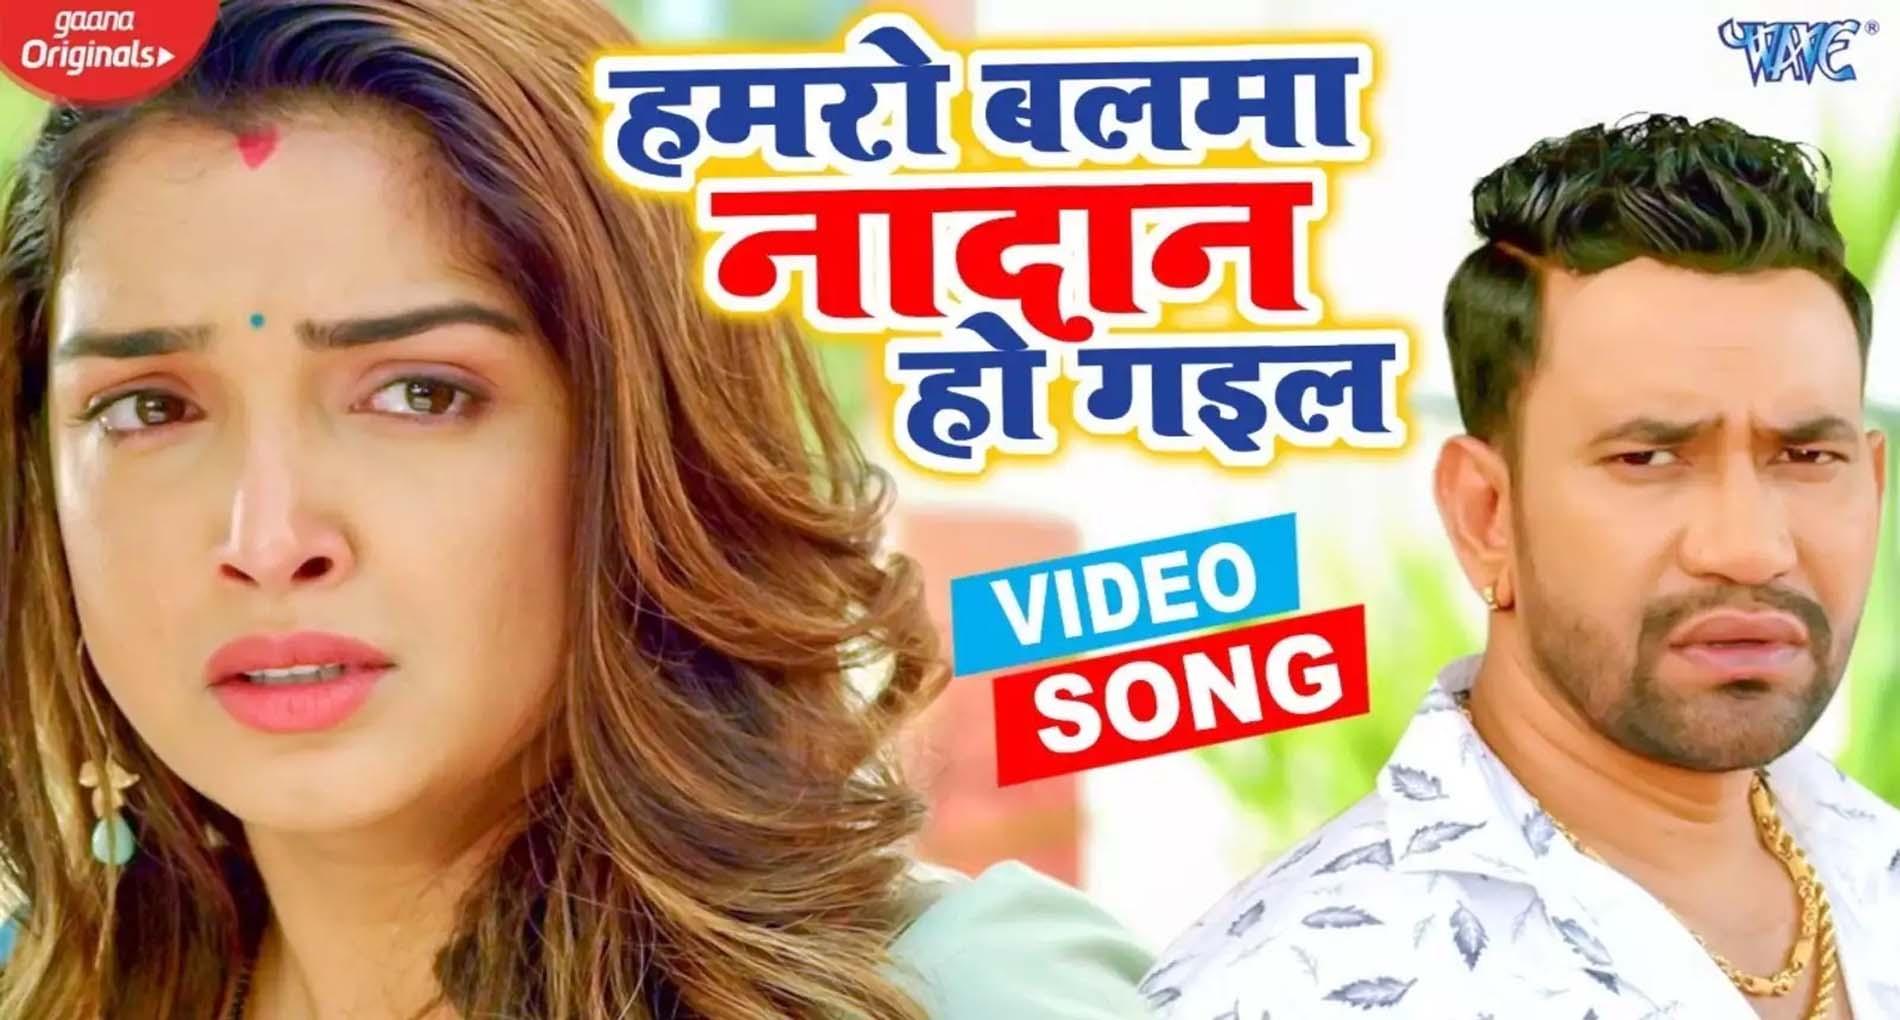 Aamrapali Dubey Song: आम्रपाली दुबे और निरहुआ का दर्द भरा गीत हो रहा है वायरल! देखें वीडियो